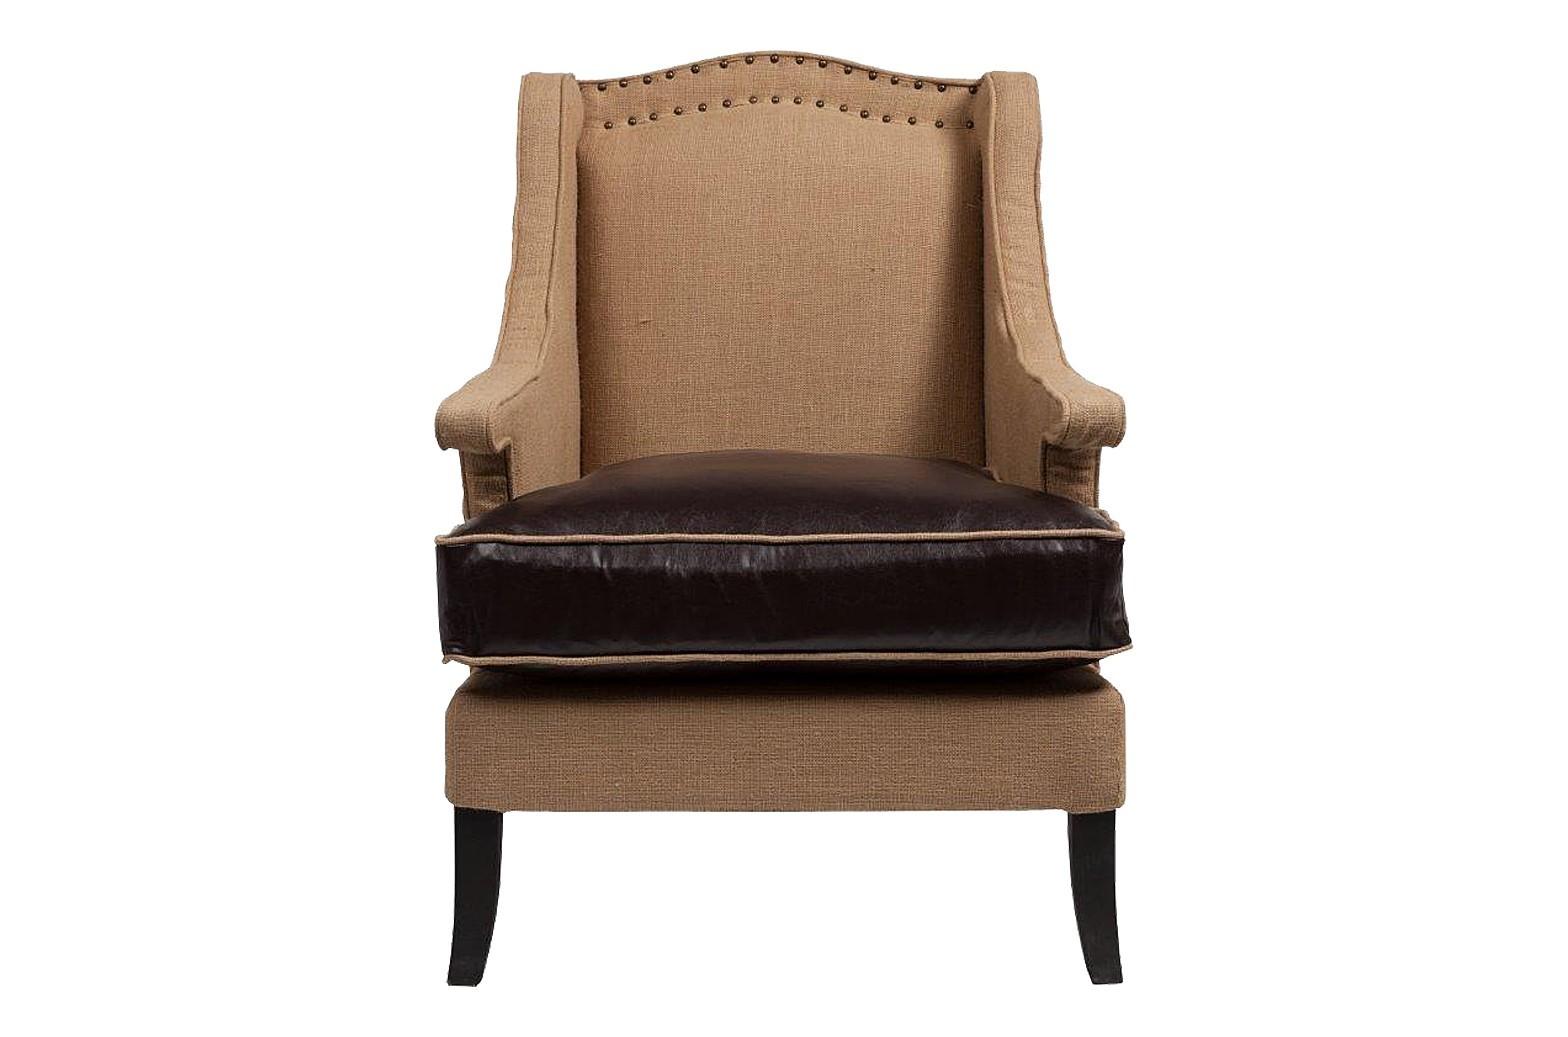 Кресло GrandechoКресла с высокой спинкой<br>Кресло Grandecho воплотило в себе сдержанную элегантность и неброский шик. Выполненное тонко и изящно, оно выглядит оригинально и ненавязчиво, современно и, вместе с тем, классически. Поэтому дополнить интерьер кабинета или гостиной таким креслом будет, пожалуй, лучшим решением для всех, кто ценит стиль и изысканность. Будучи необычайно комфортным, это кресло, тем не менее, имеет дополнительную, делающую его еще более удобным, опцию: высота посадки регулируется использованием съемной подушки. Такая функциональность становится еще одним приятным штрихом в обширнейшем списке достоинств данного кресла, включающем также эстетичность, надежность, простоту ухода, безопасность и доступную цену.<br><br>Material: Кожа<br>Width см: 74<br>Depth см: 80<br>Height см: 101